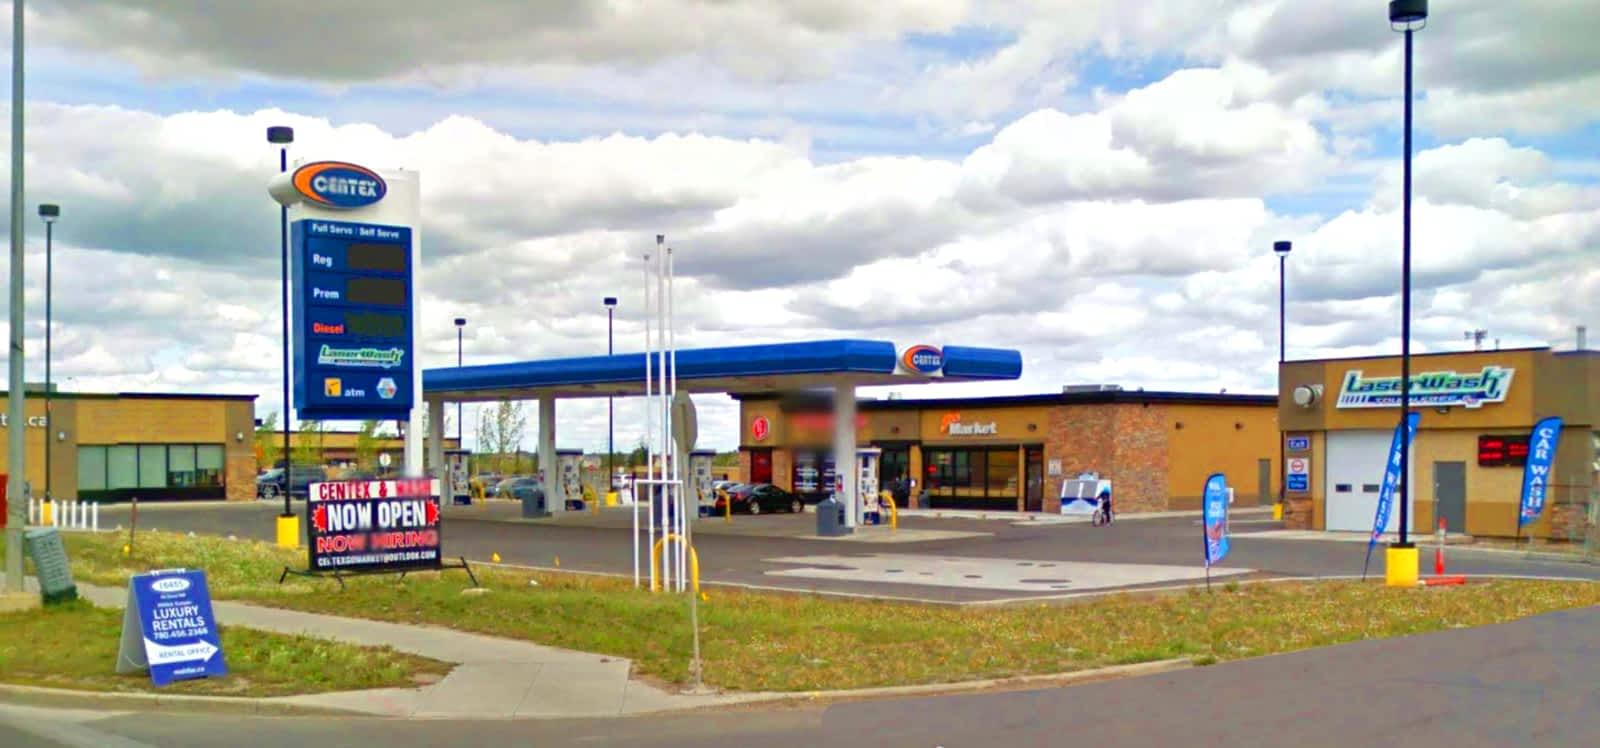 centex gas deals